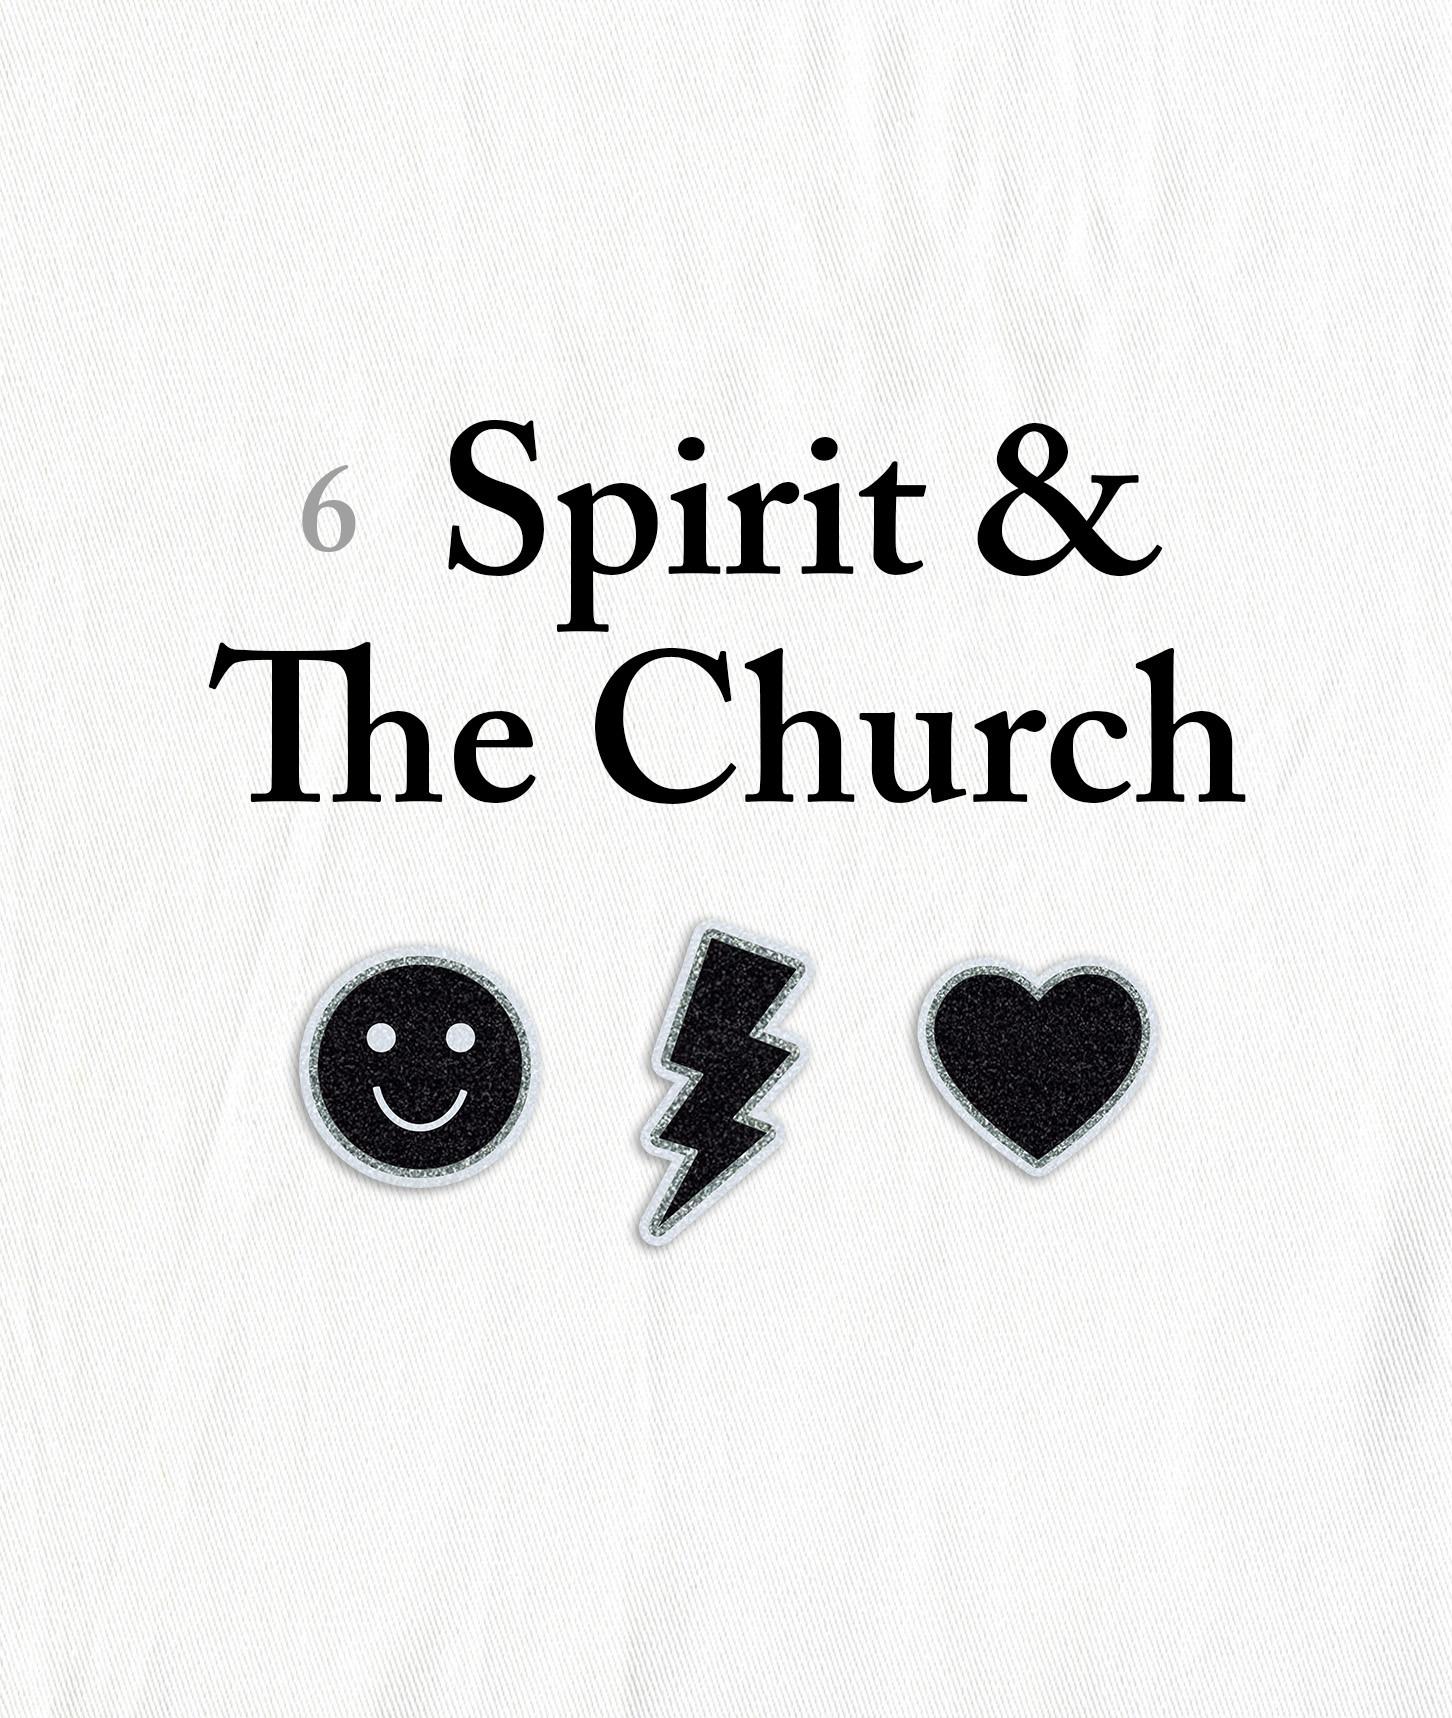 spirit6.jpg